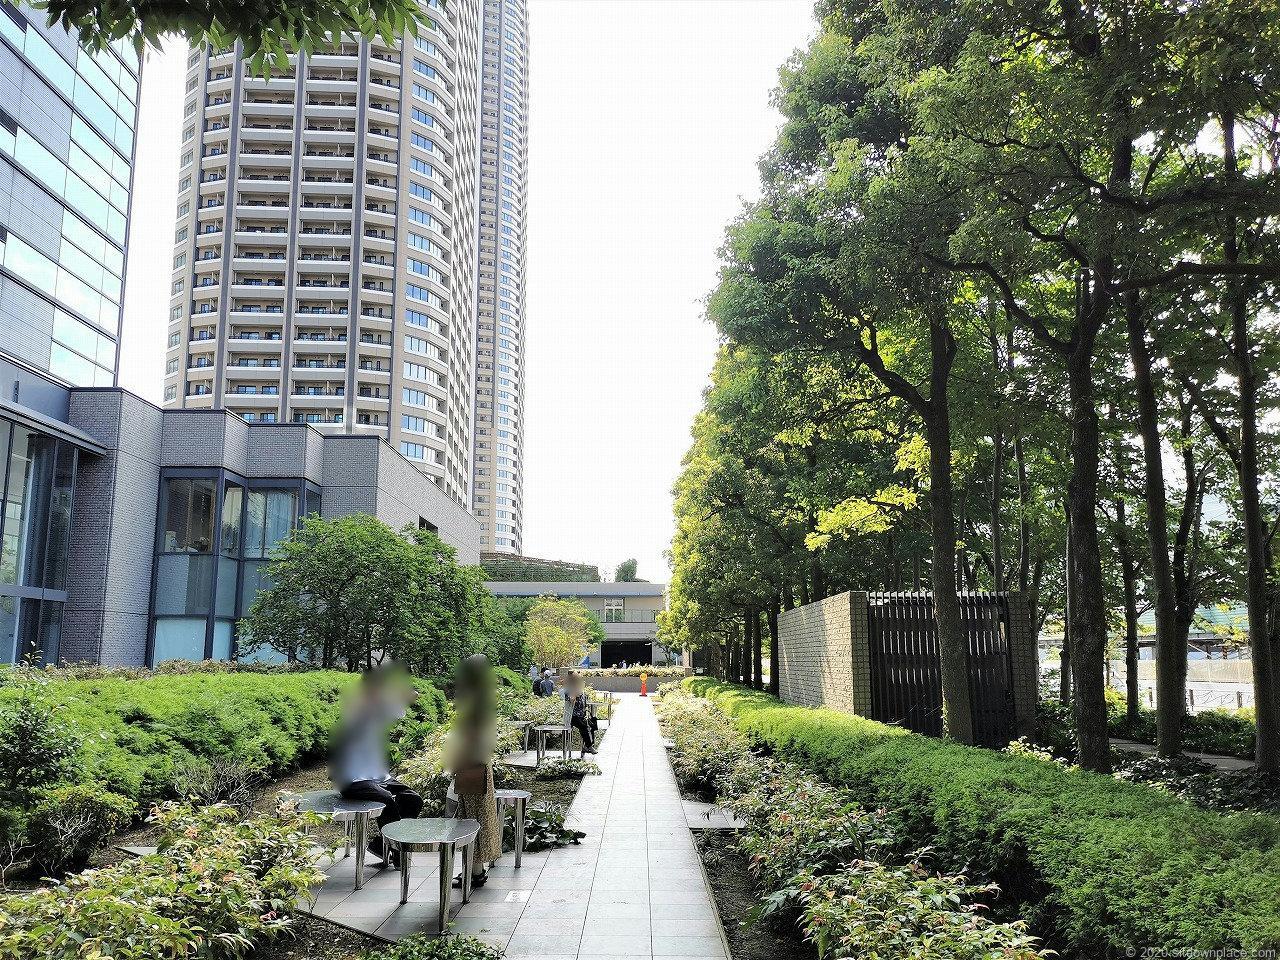 武蔵小杉駅 タワープレイス公開空地の外観1